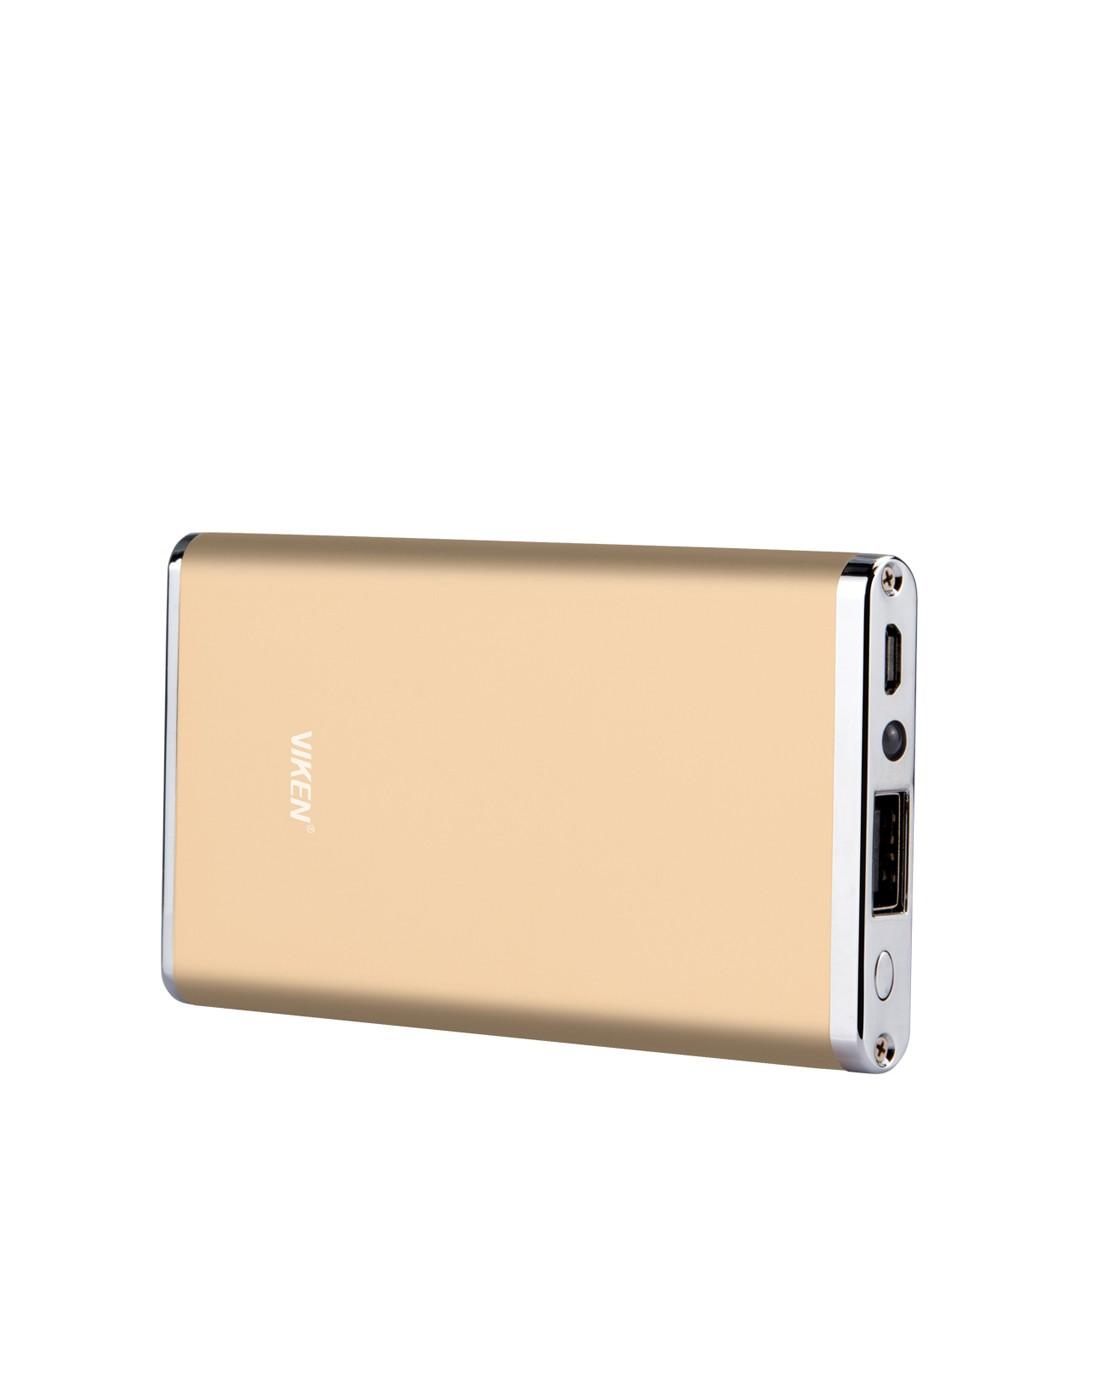 维肯viken数码配件专场奢华材质 超薄6000毫安充电宝